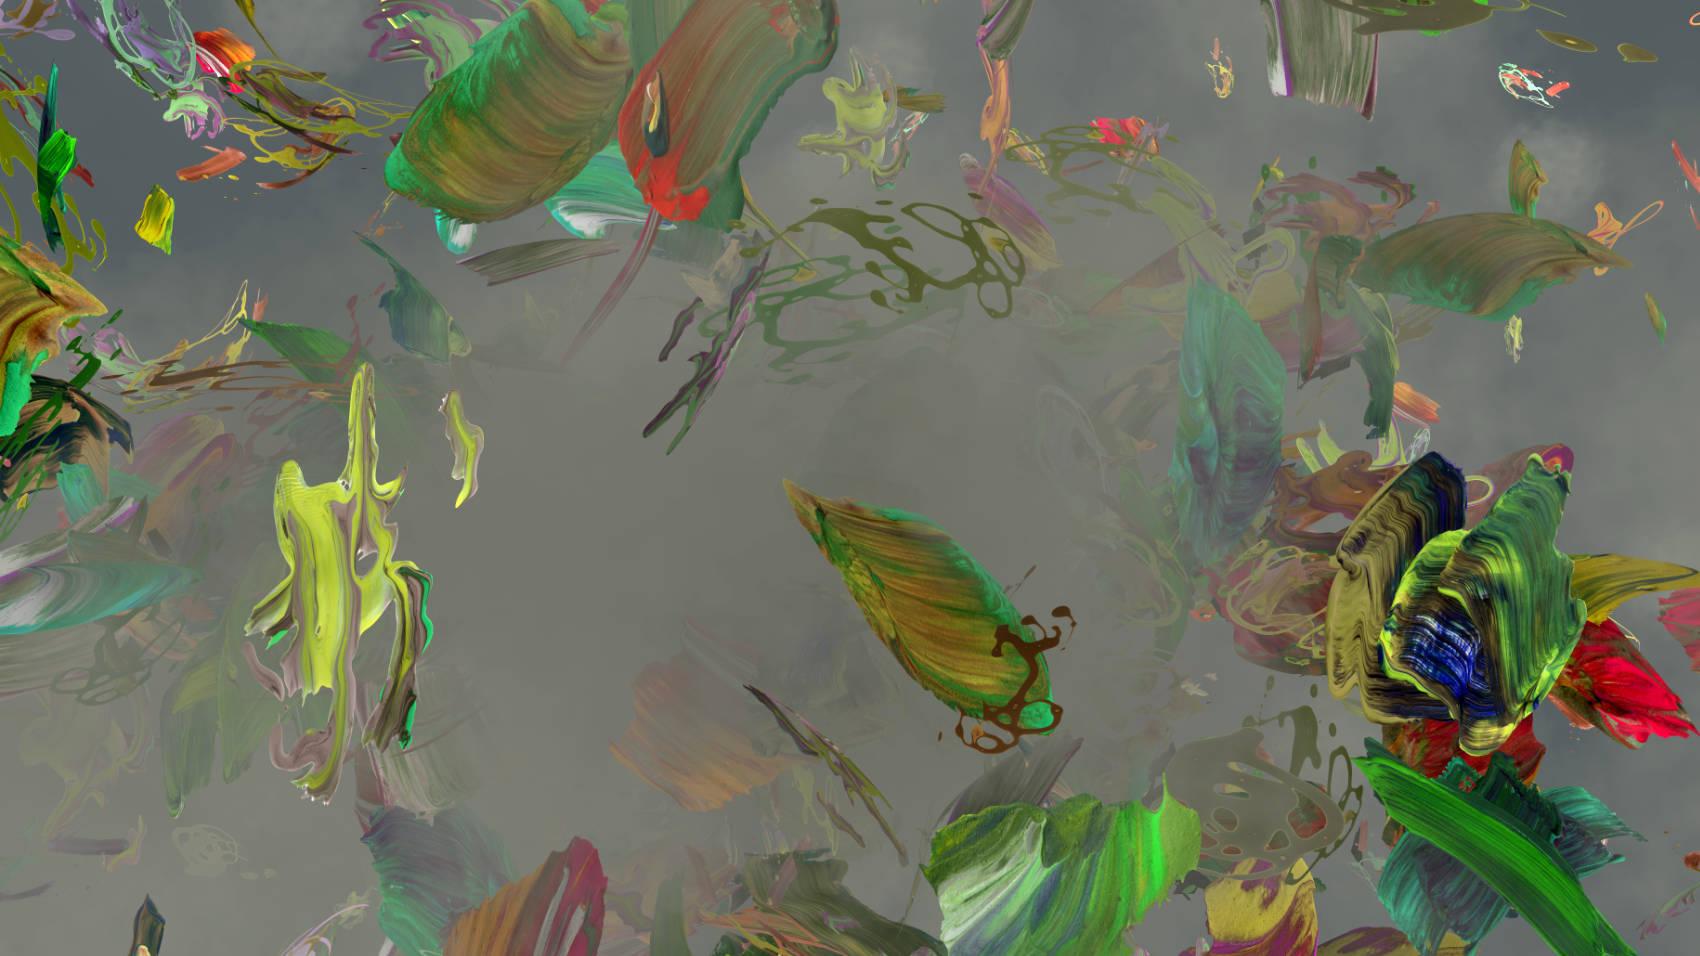 Peintures 9, 2011, C-Print, 70 x 124 cm